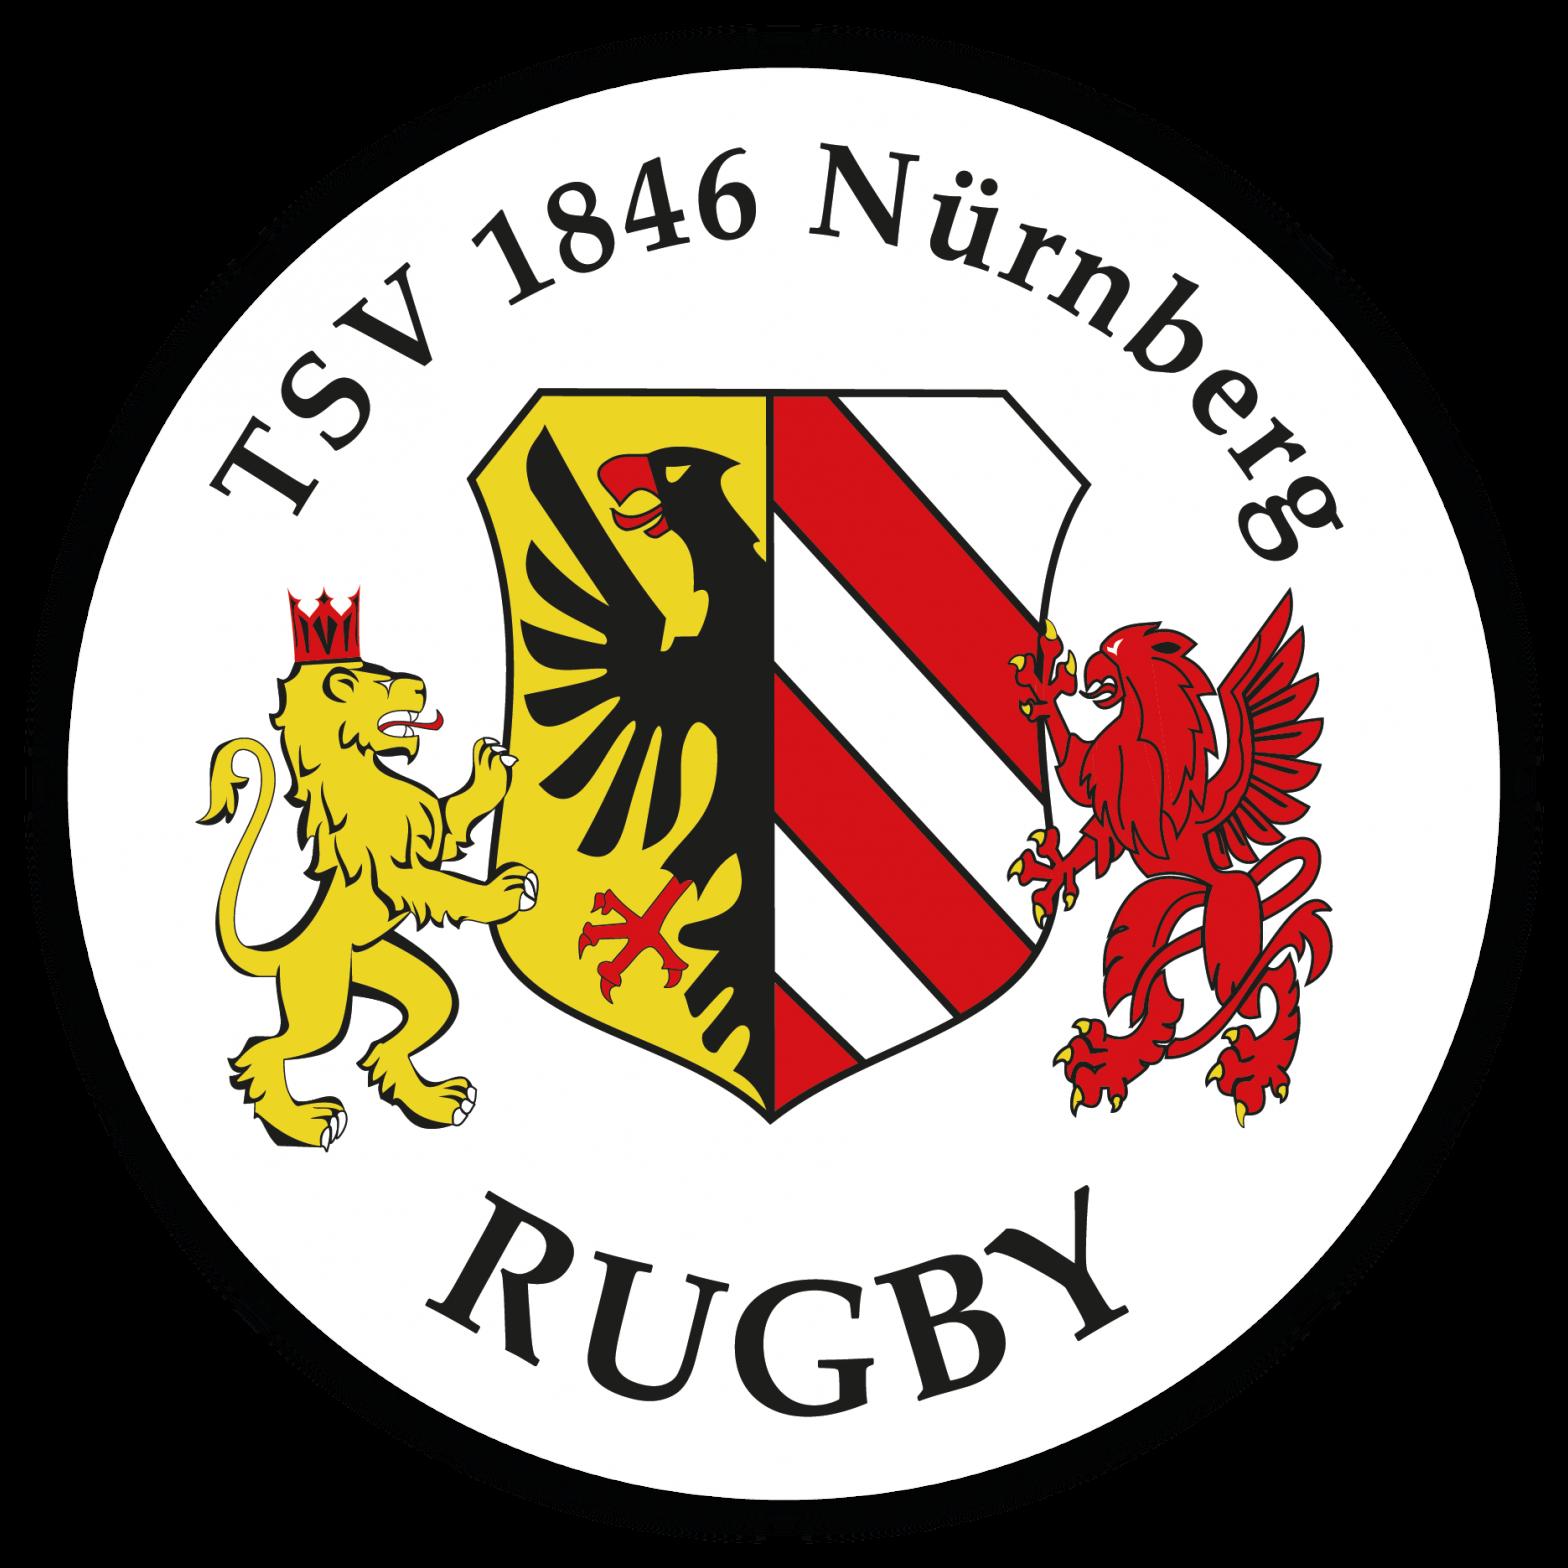 TSV 1846 Nürnberg legt Einspruch gegen Punktabzug ein